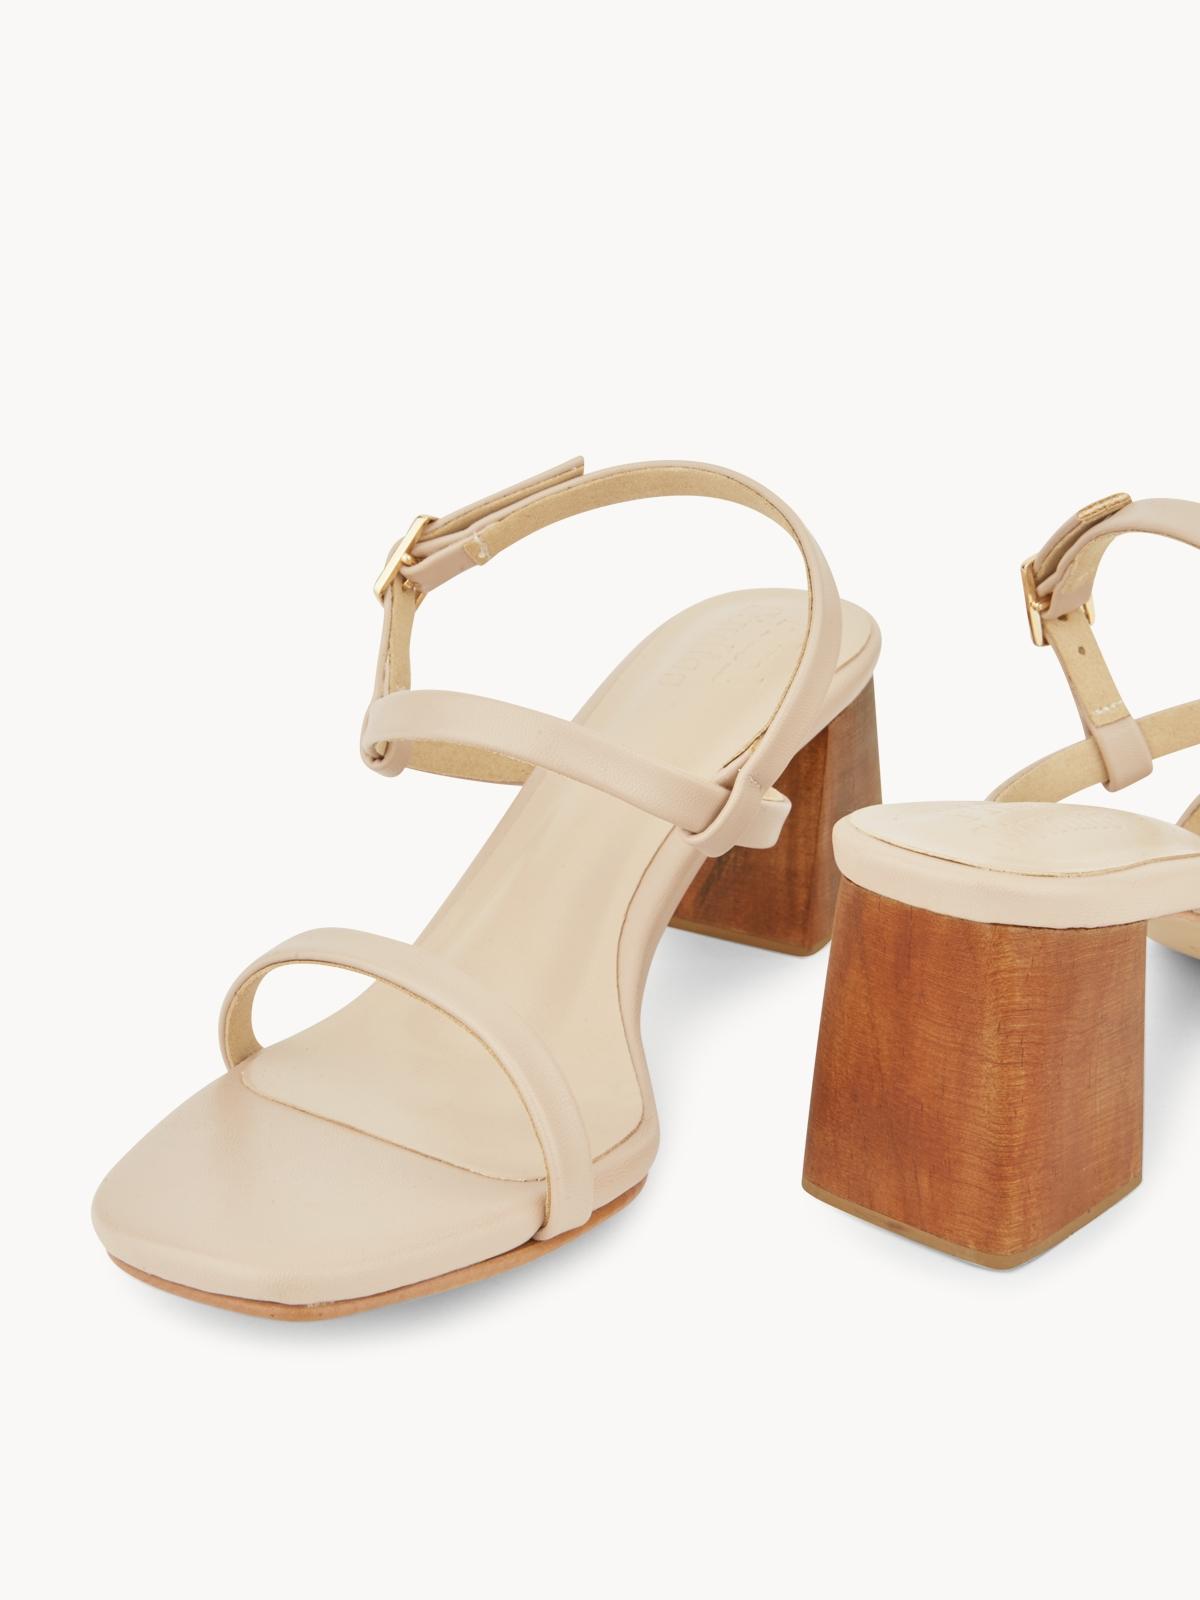 Plush Studios Kara Block Sandals Beige